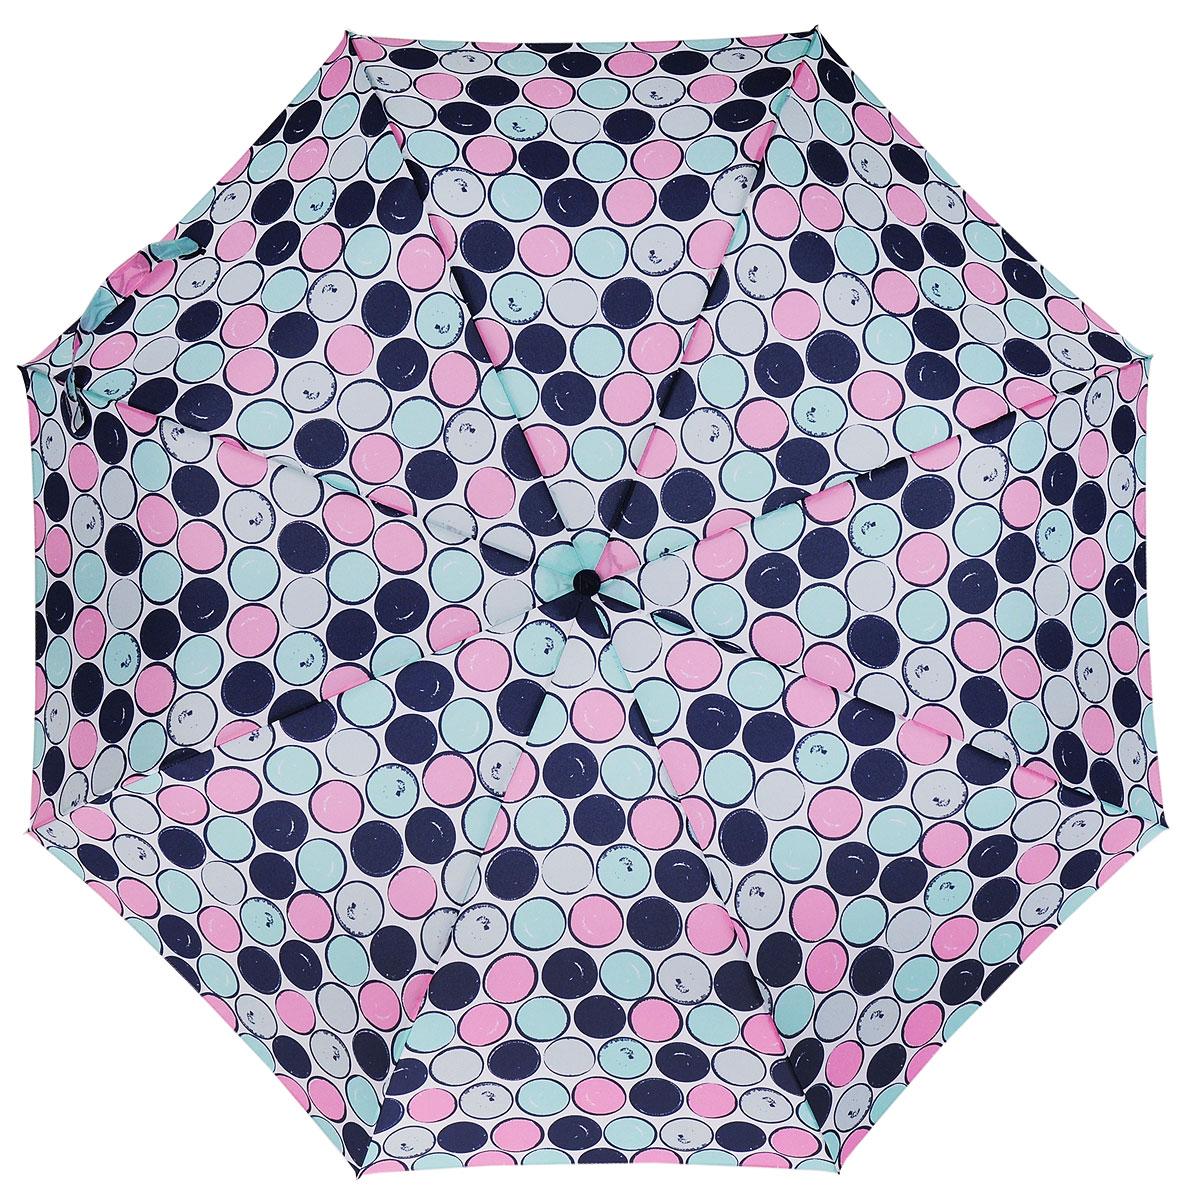 Зонт женский Fulton Minilite, механический, 3 сложения, цвет: белый. L354-2766П300020005-20Очаровательный механический зонт Fulton Minilite в 3 сложения изготовлен из высокопрочных материалов. Каркас зонта состоит из 8 спиц и прочного алюминиевого стержня. Купол зонта выполнен из прочного полиэстера с водоотталкивающей пропиткой и оформлен принтом в виде разноцветных кружков. Рукоятка изготовлена из пластика. Зонт имеет механический механизм сложения купол открывается и закрывается вручную до характерного щелчка. Небольшой шнурок, расположенный на рукоятке, позволяет надеть изделие на руку при необходимости.Модель закрывается при помощи хлястика на липучку. К зонту прилагается чехол.Прелестный зонт не только выручит вас в ненастную погоду, но и станет стильным аксессуаром, прекрасно дополнит ваш модный образ.